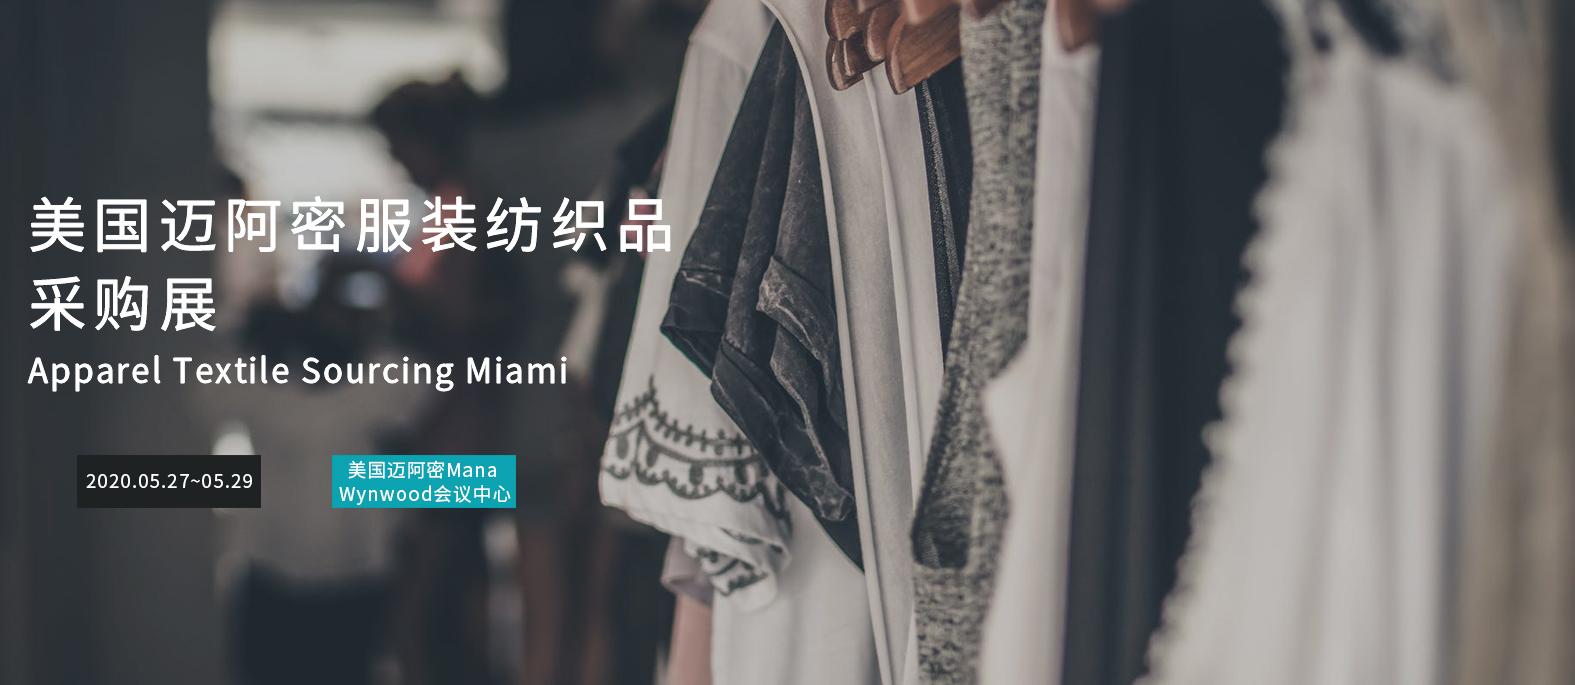 美国迈阿密纺织服装采购展